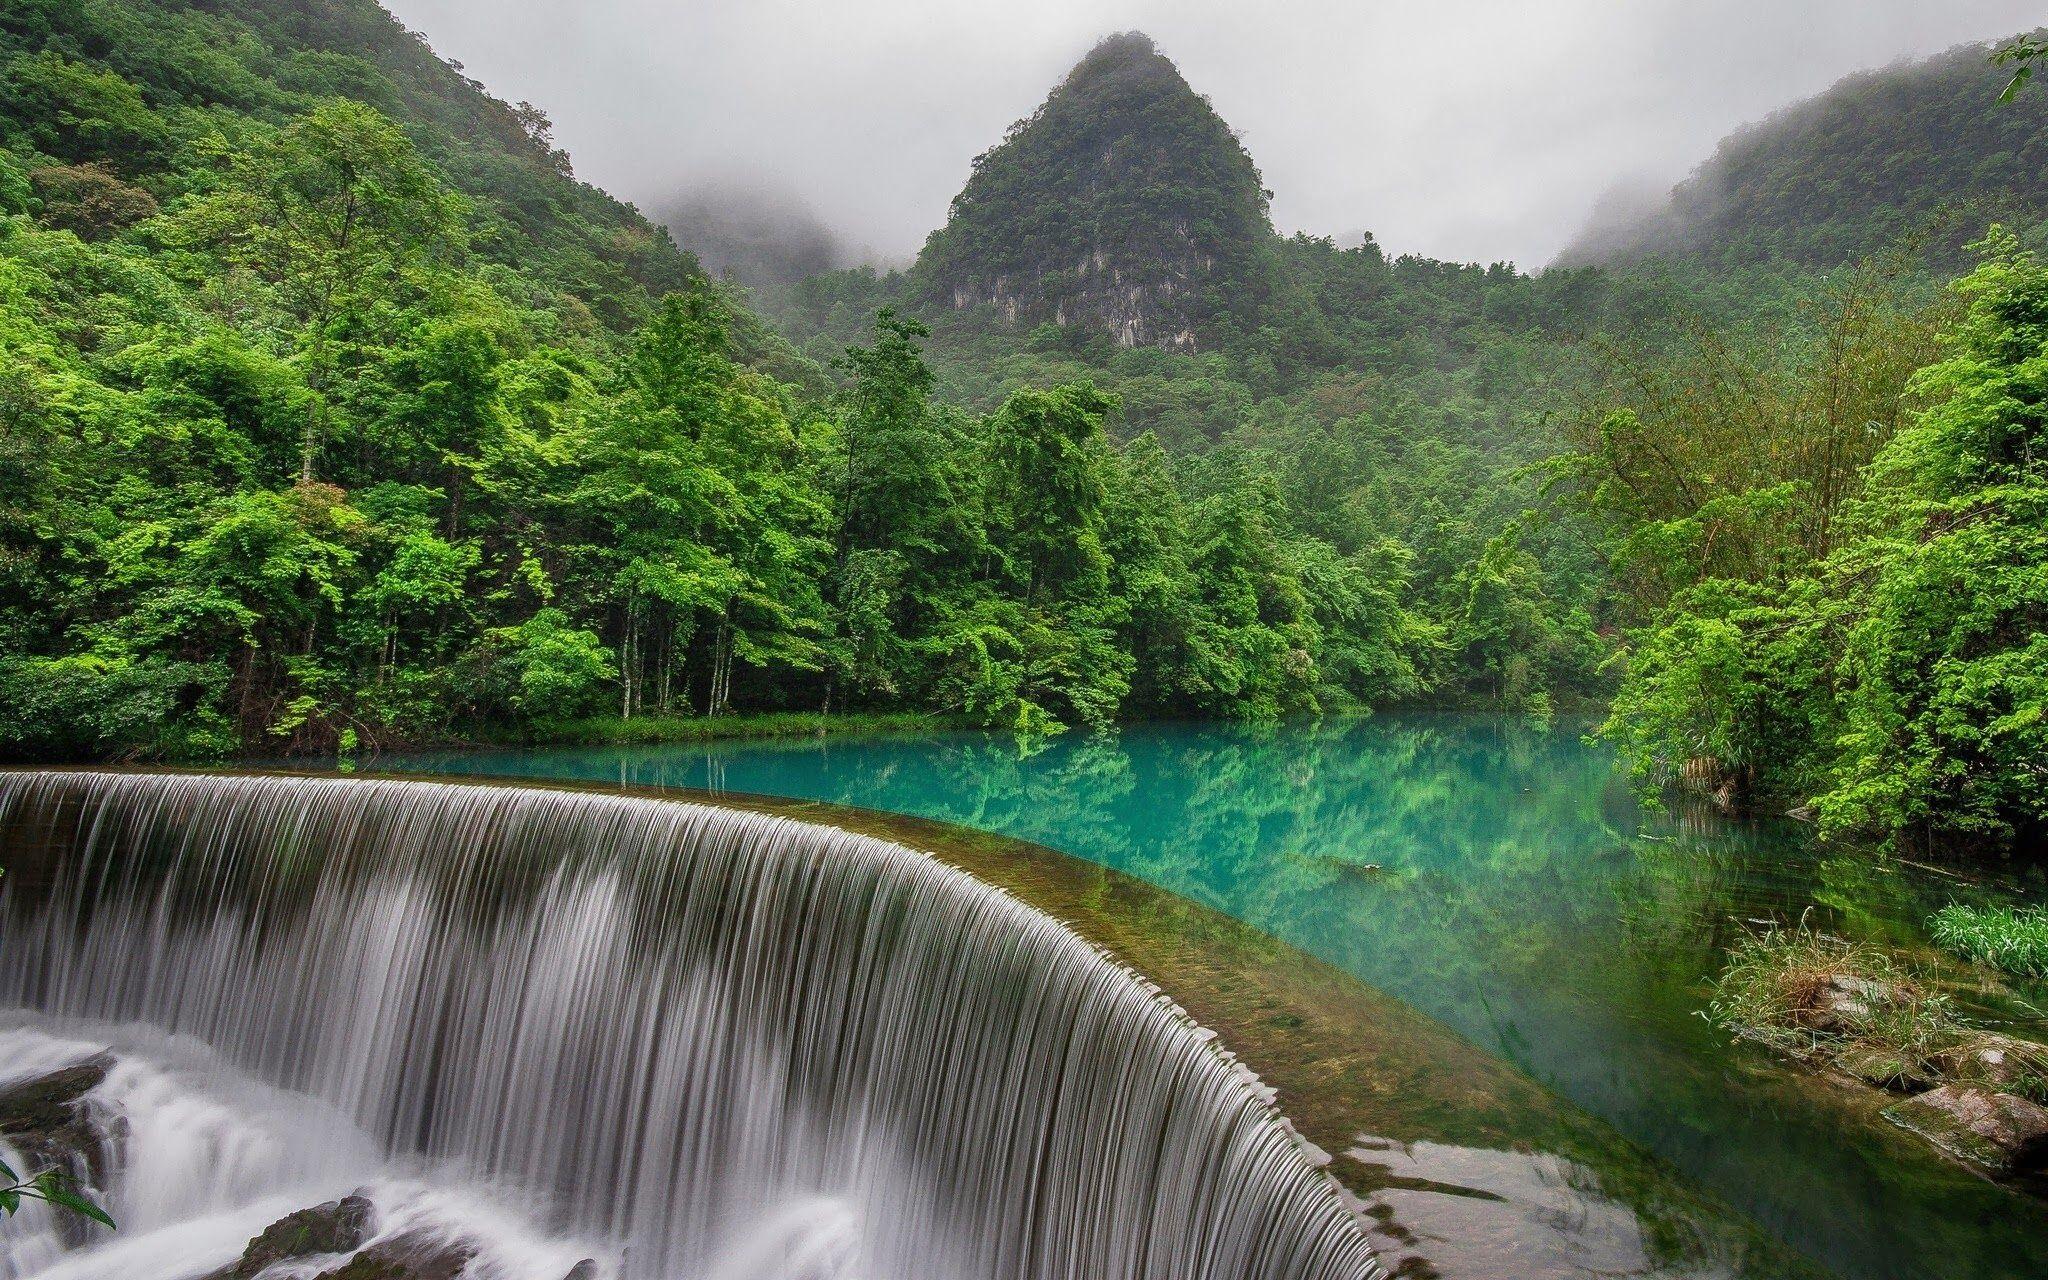 Spettacolari cascate in Cina, provincia di Guizhou. Una terra immensa, estrema, piena di meraviglia e meraviglie